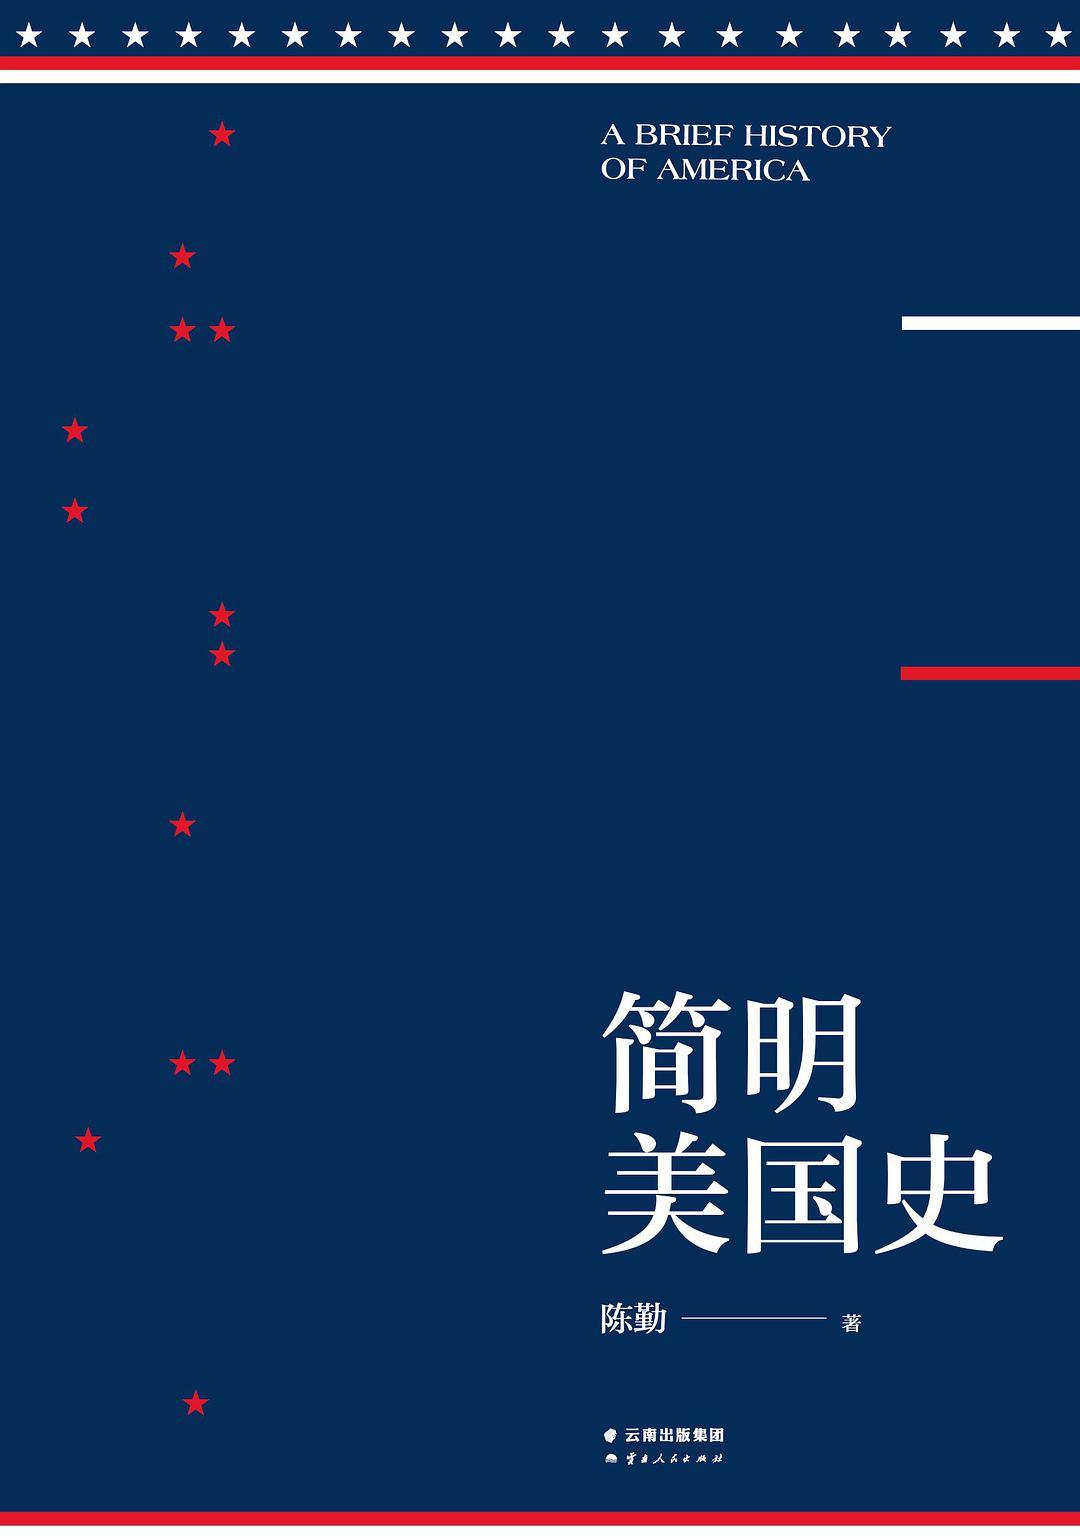 下载《简明美国史》陈勤 | 通俗流畅,有趣好玩